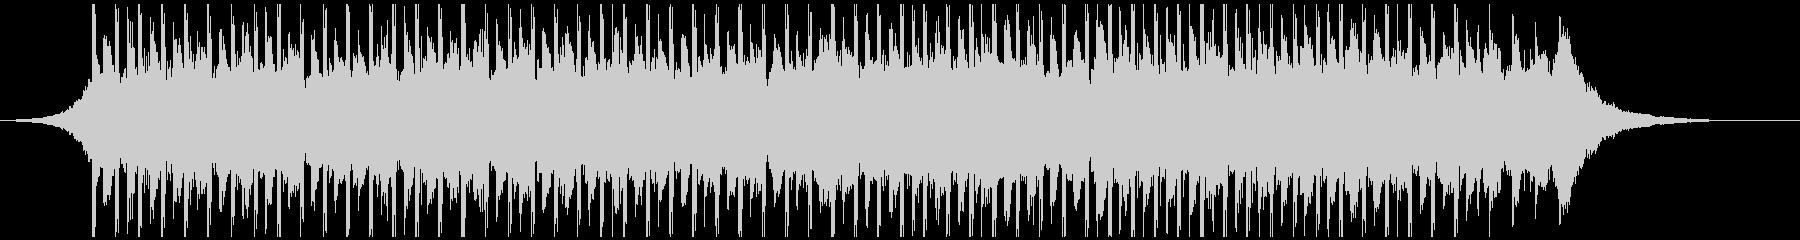 コーポレートスタートアップ(40秒)の未再生の波形